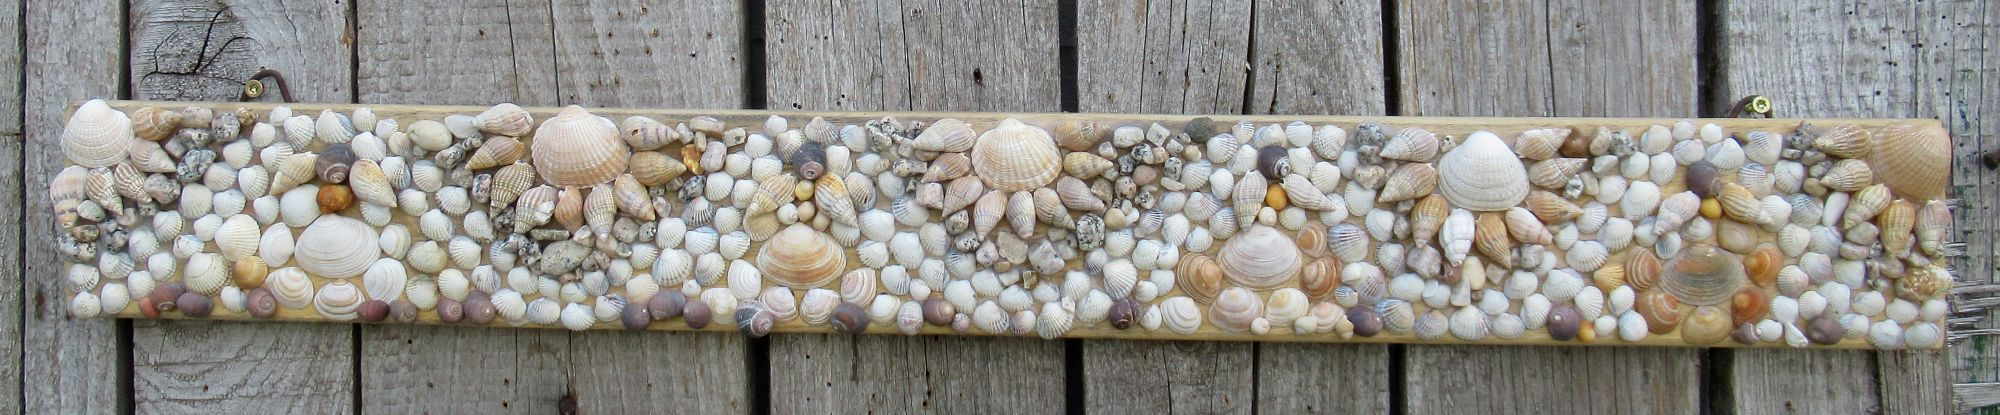 Ein Muschelbild auf Holz für die Sommerdekoration im Garten